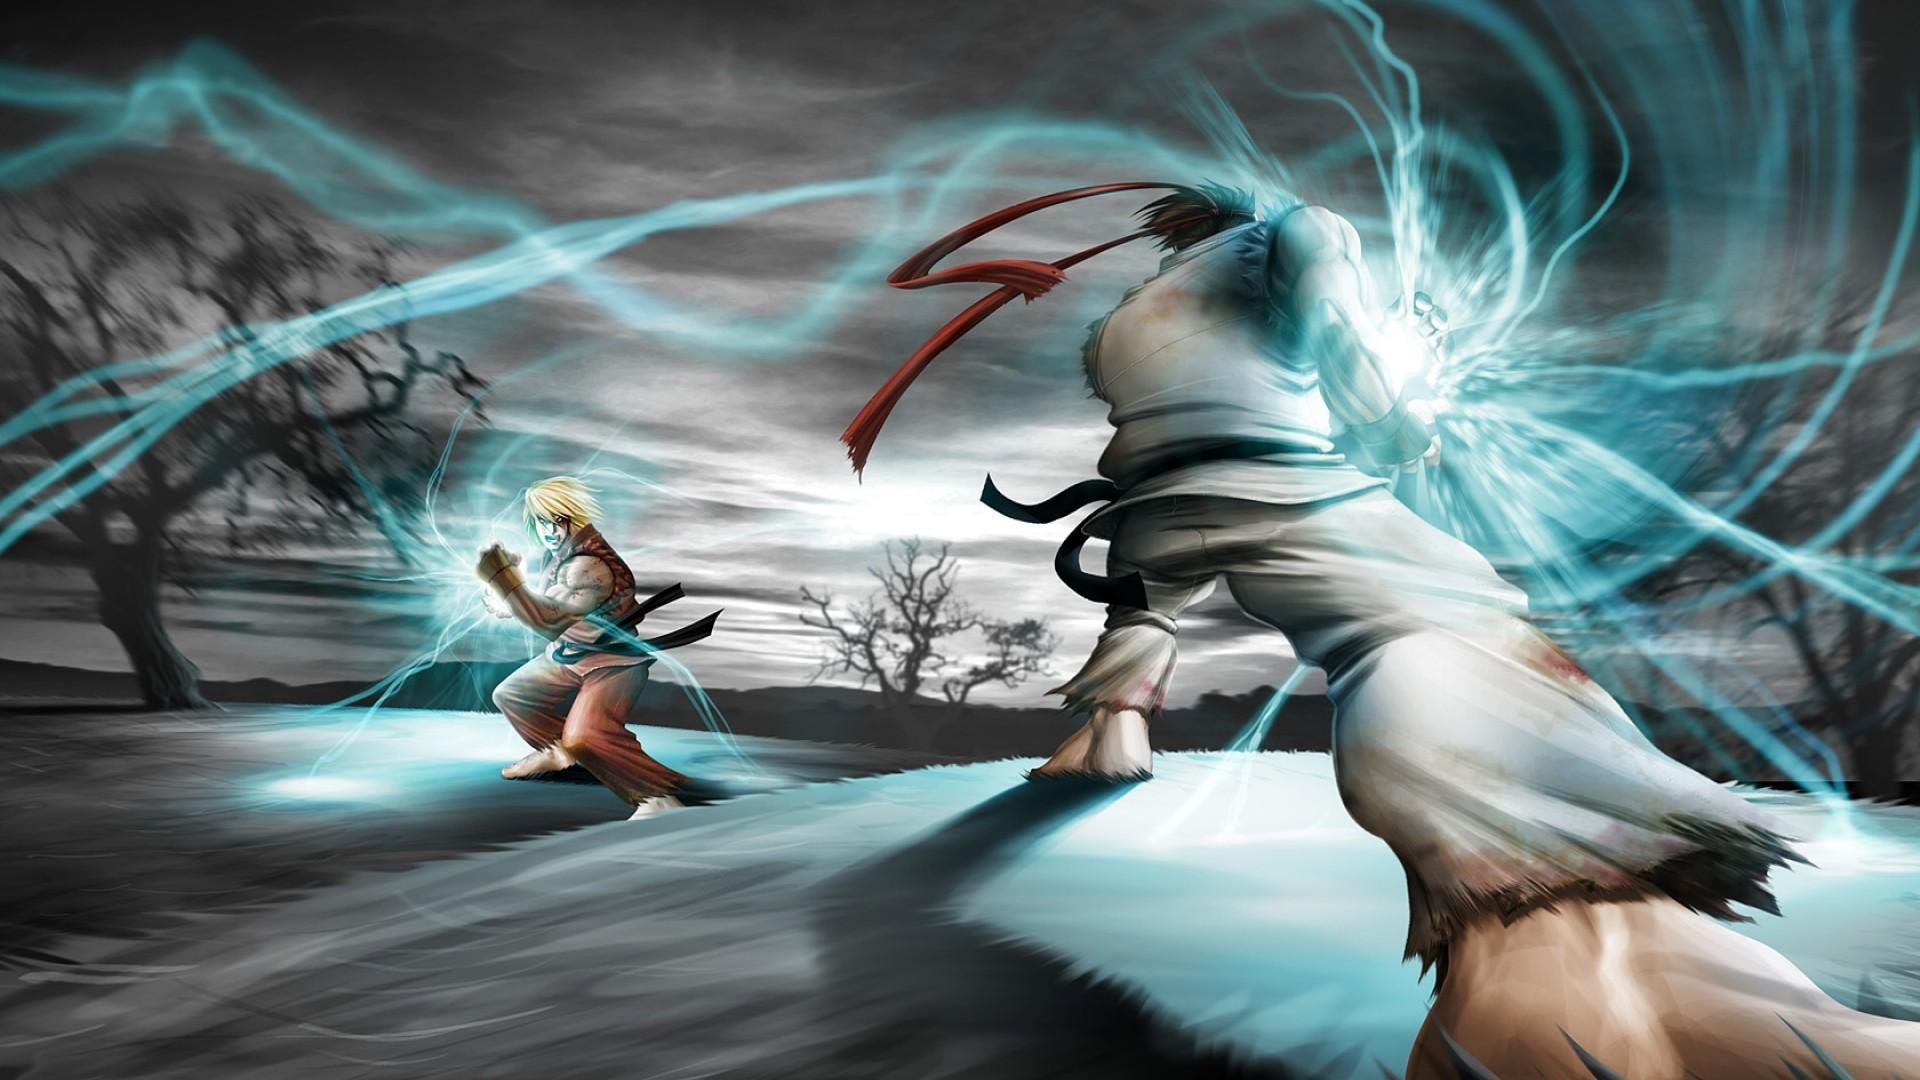 Обои Street Fighter магия